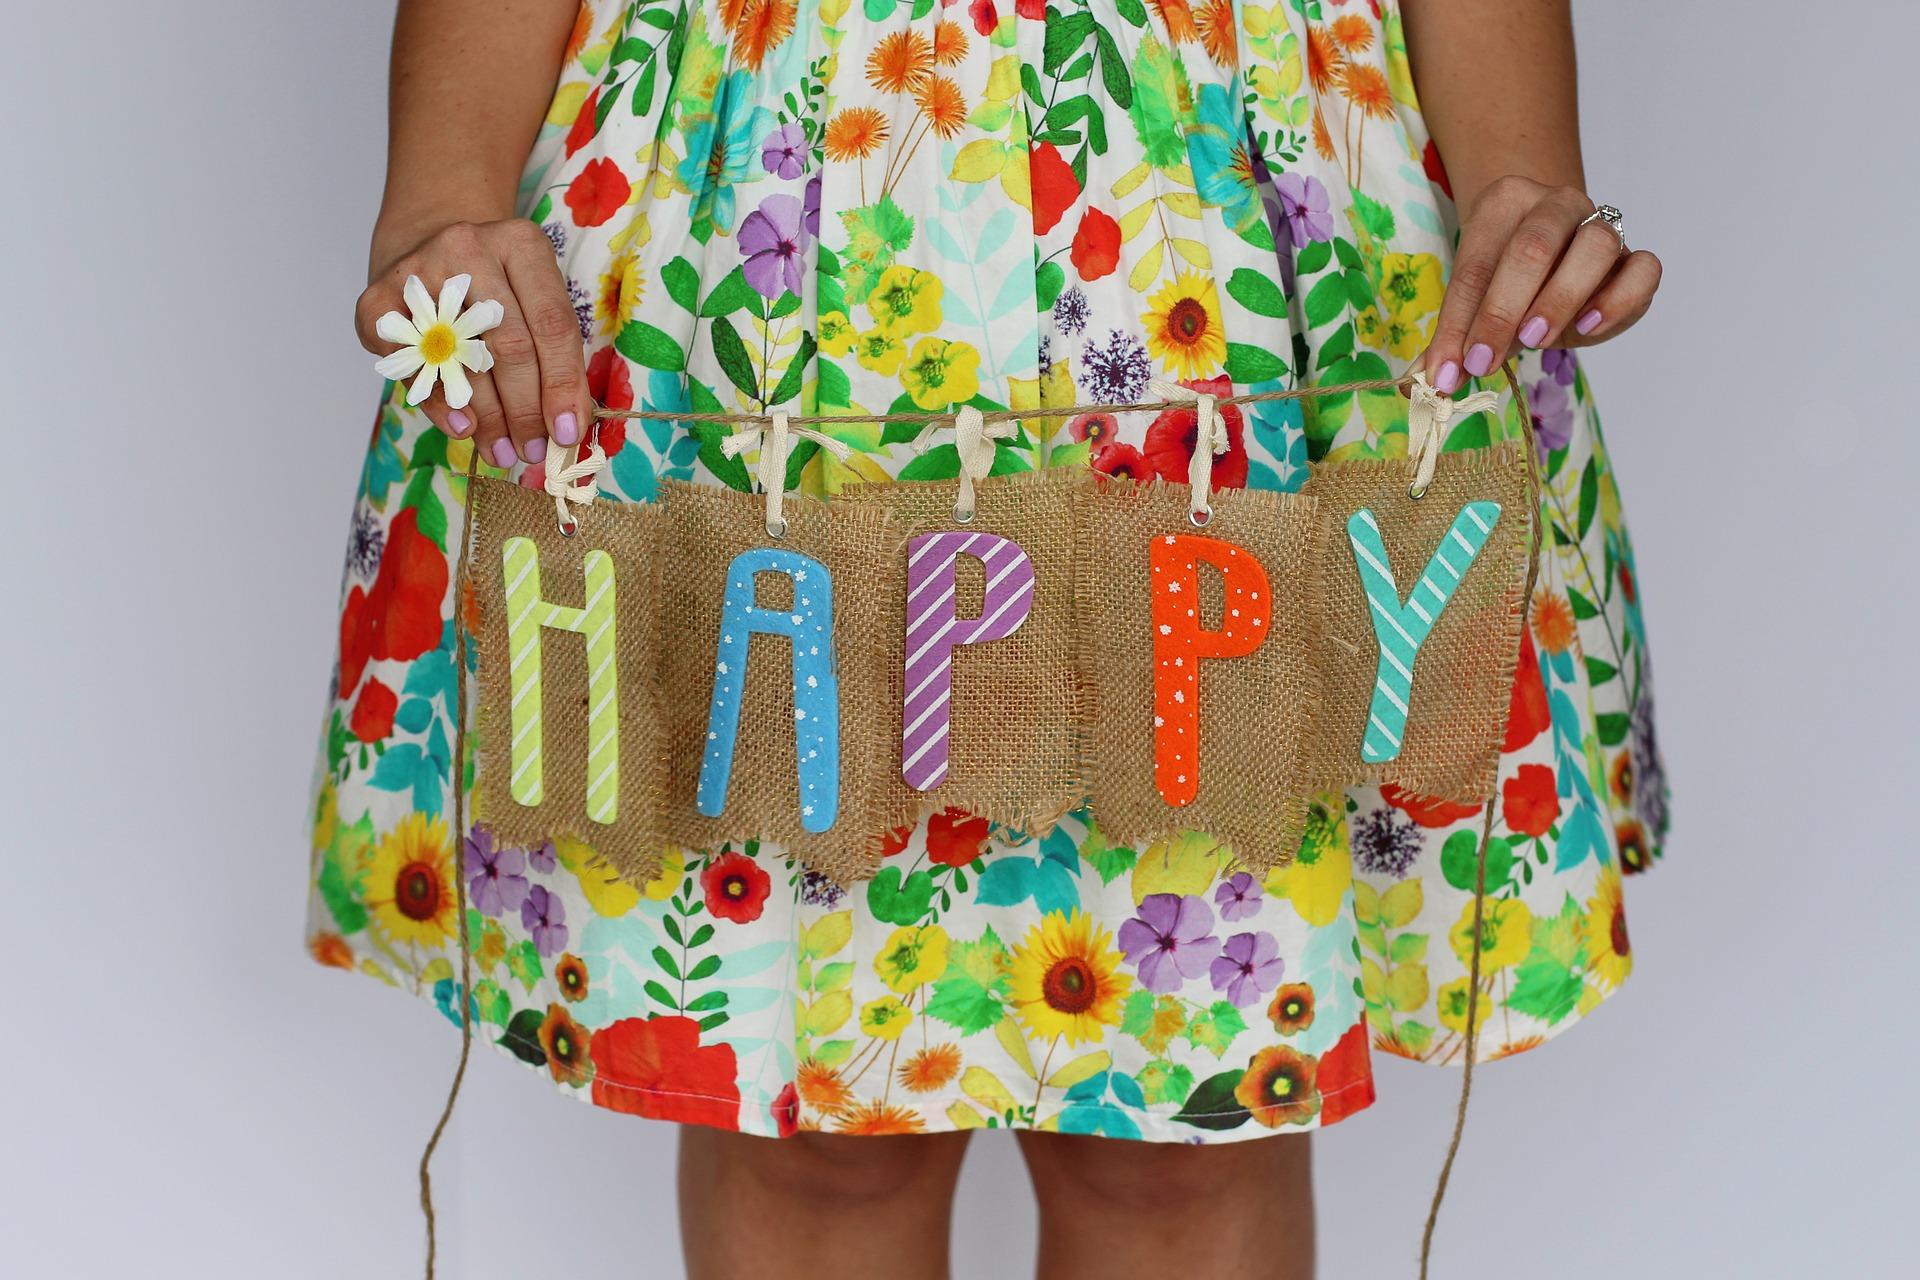 De unde vine fericirea?